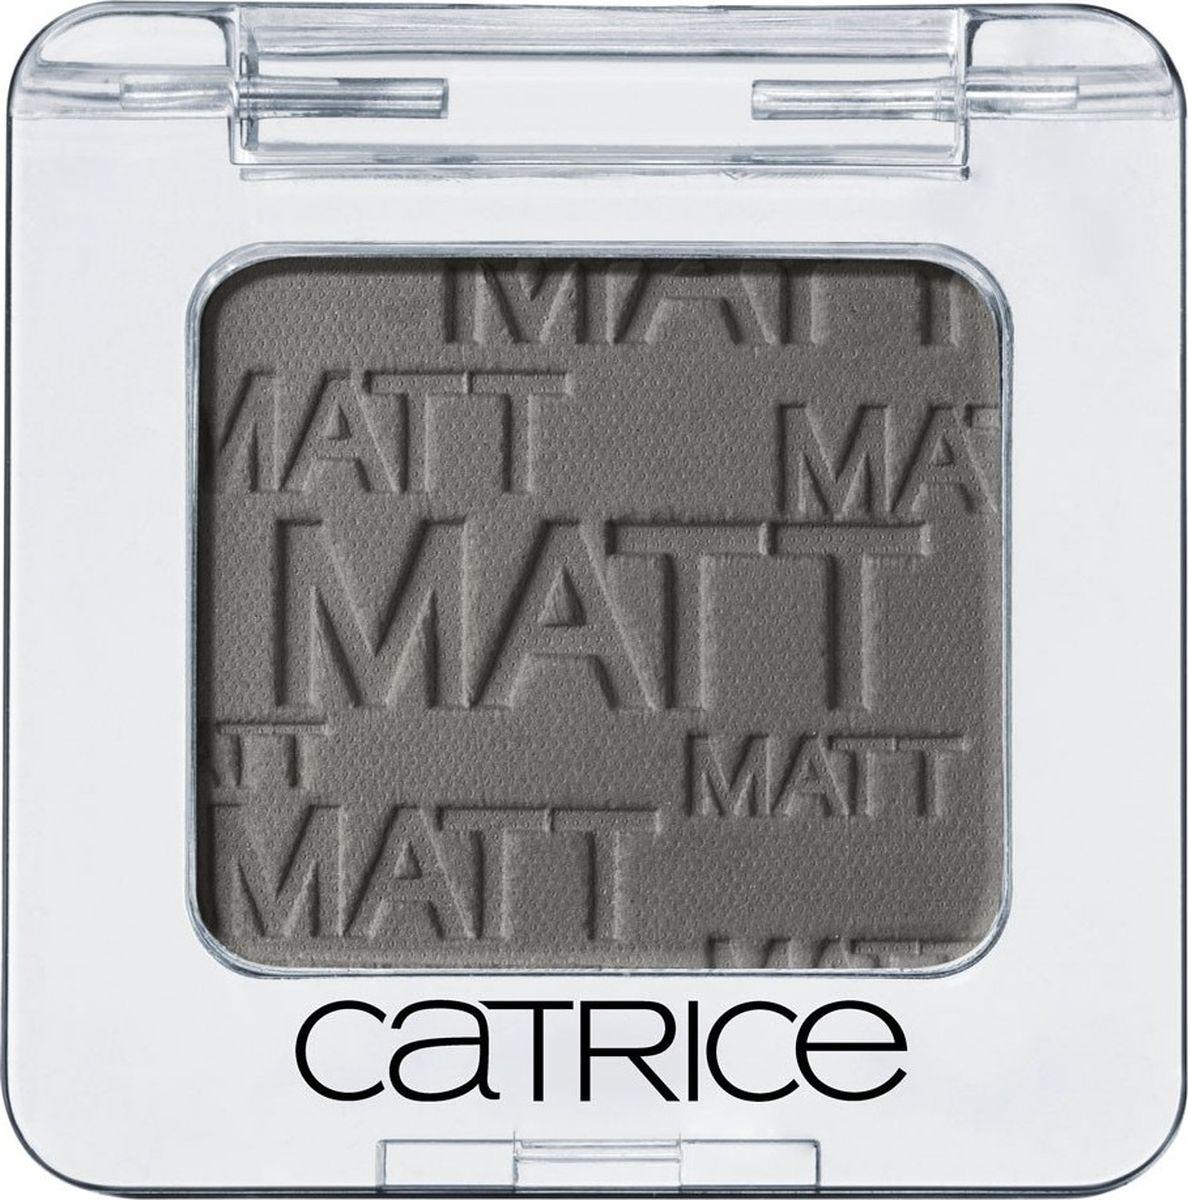 Catrice Тени для век одинарные Absolute Eye Colour 920 Game Of Stones темно-синий матовый 2 грL001-54-0000Высокопигментированные пудровые тени, широкая цветовая гамма, стойкость, легкость в нанесении и разнообразие эффектов.